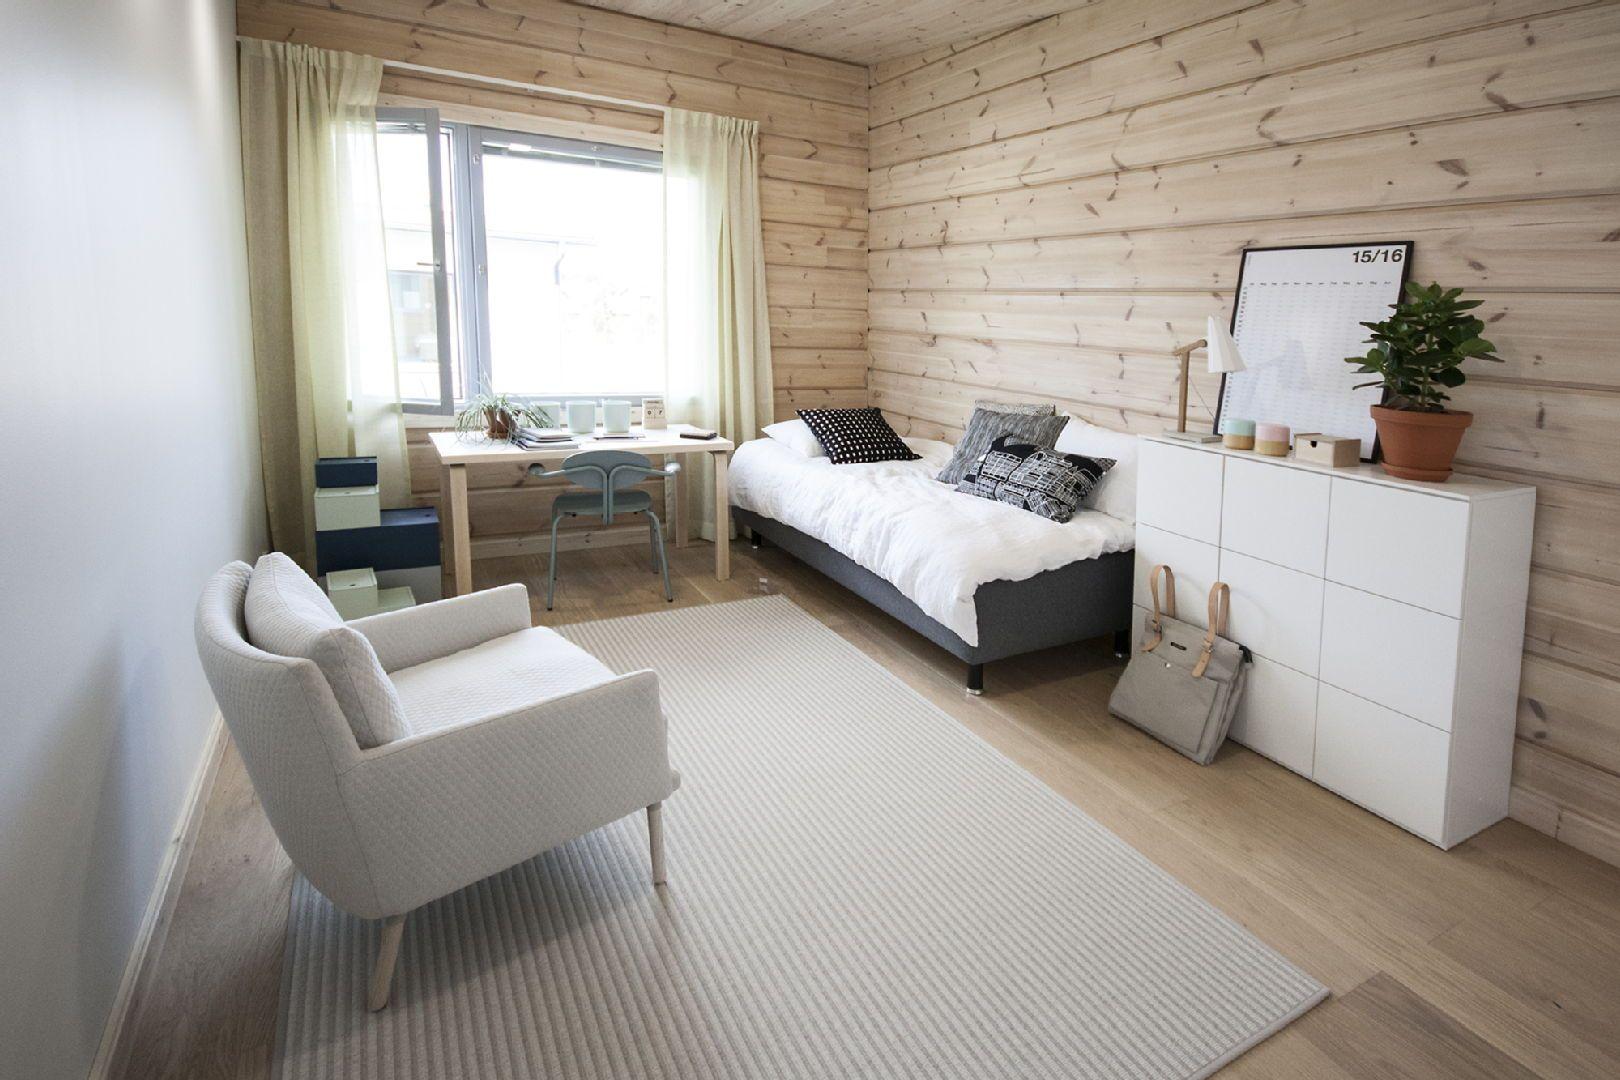 Asuntomessut 2015 Vantaa | Kohde 14 Kontio Harunire